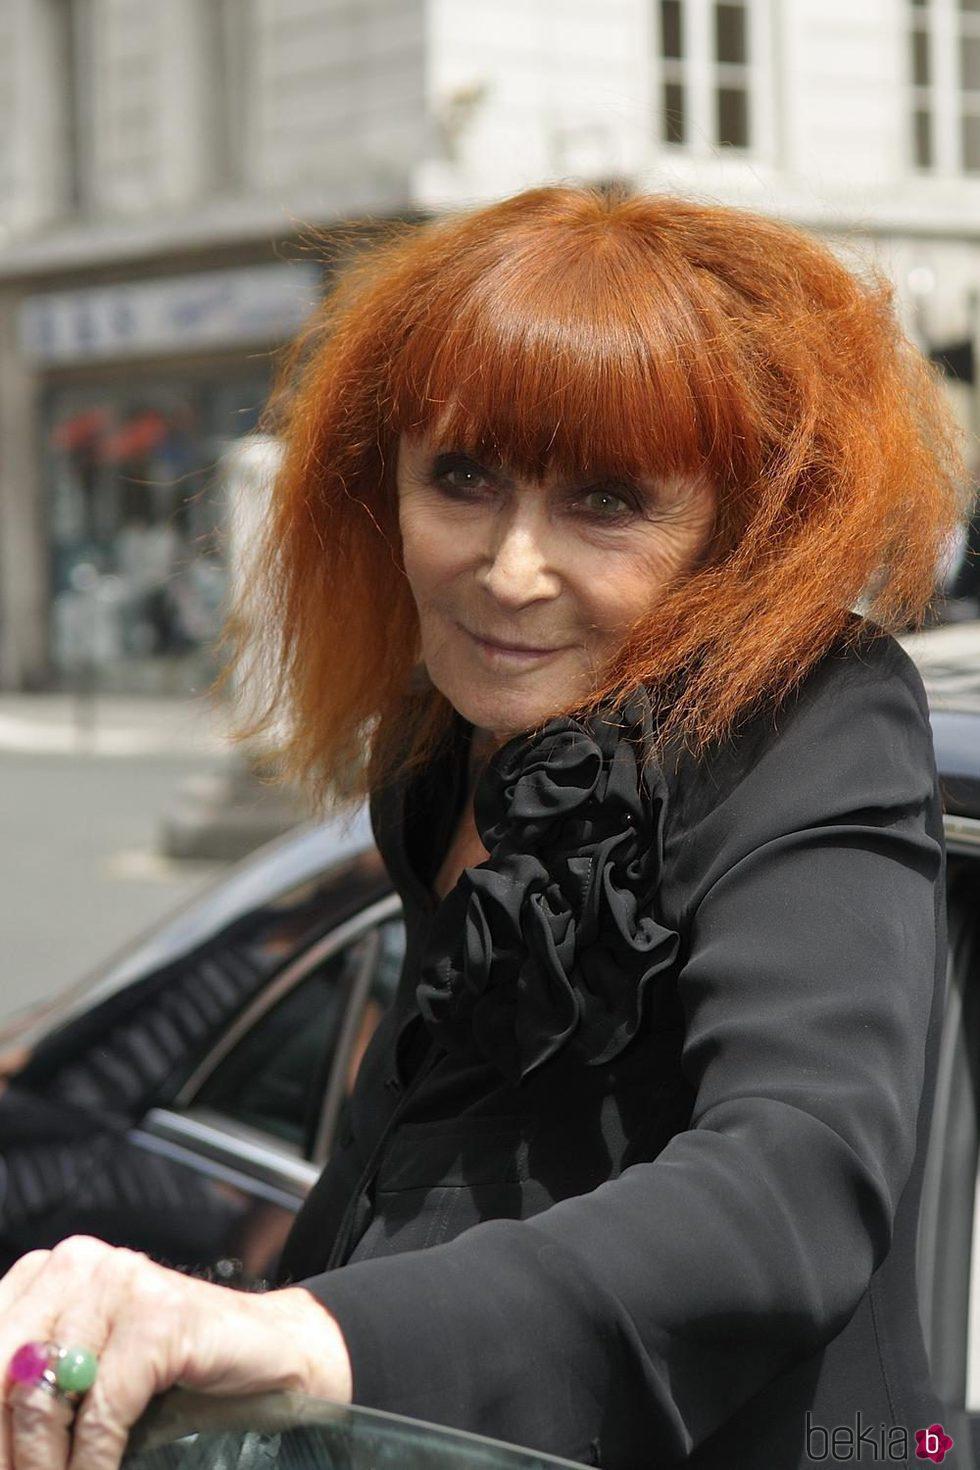 Sonia Rykiel ha fallecido a los 86 años de edad